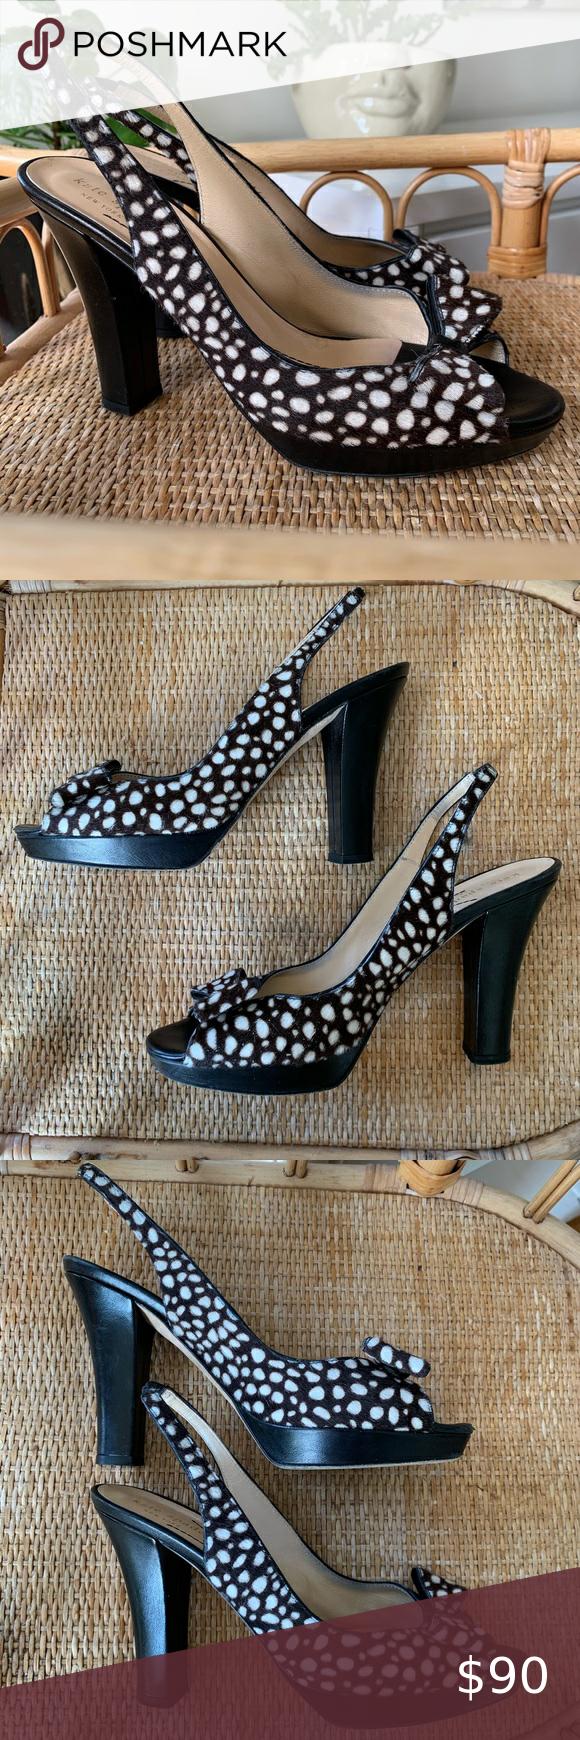 Kate Spade Giselle Slingback Peep Toe